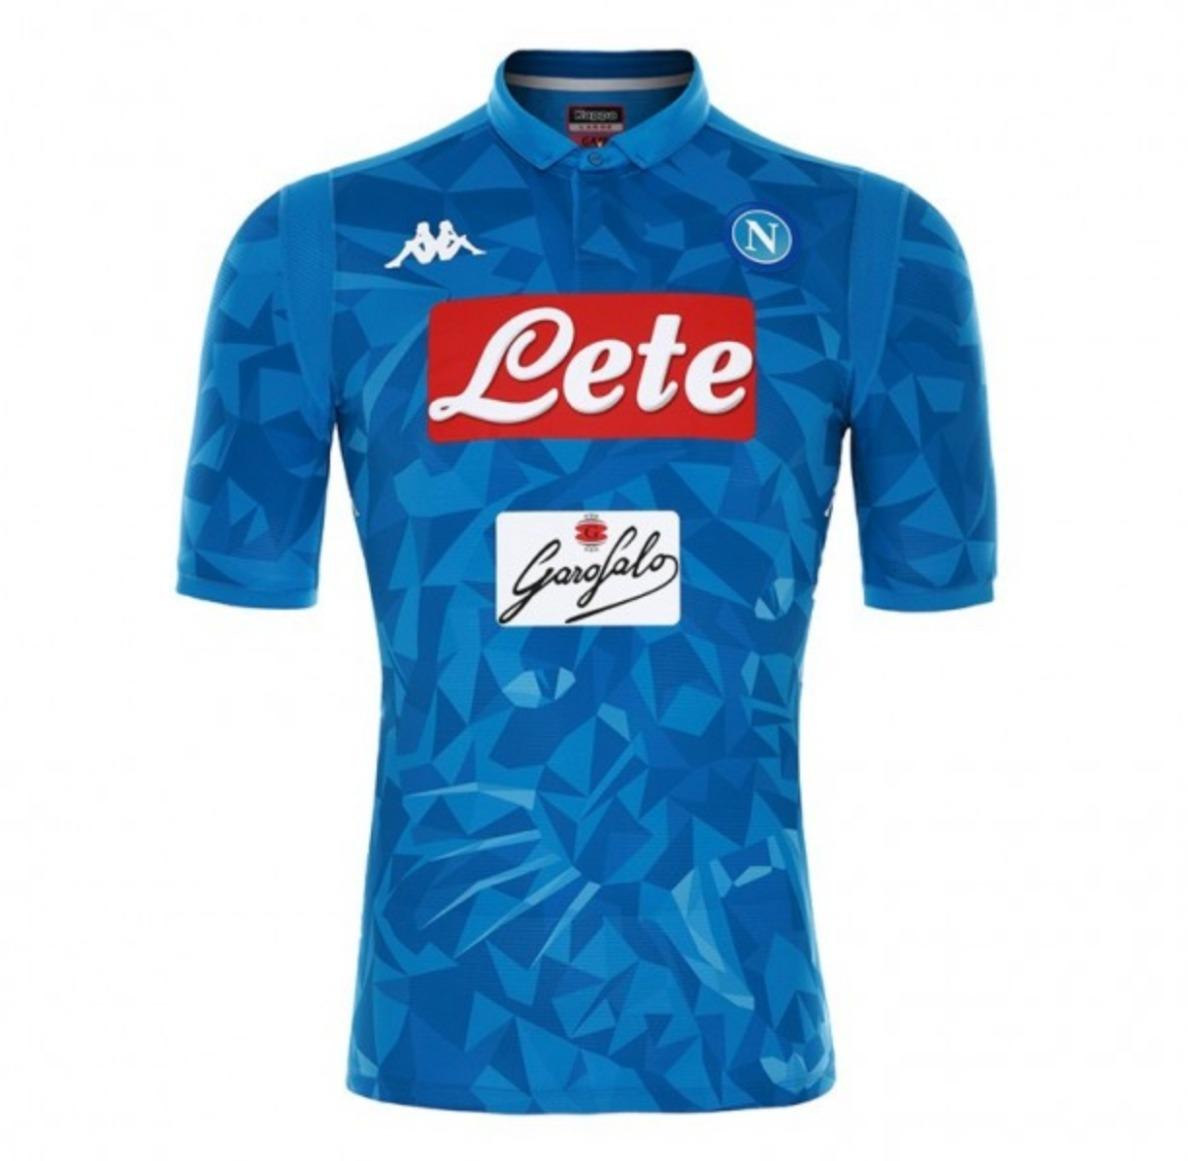 06f1faf709e91 Camisa Kappa Napoli Oficial 2019 Pronta Entrega - R  139